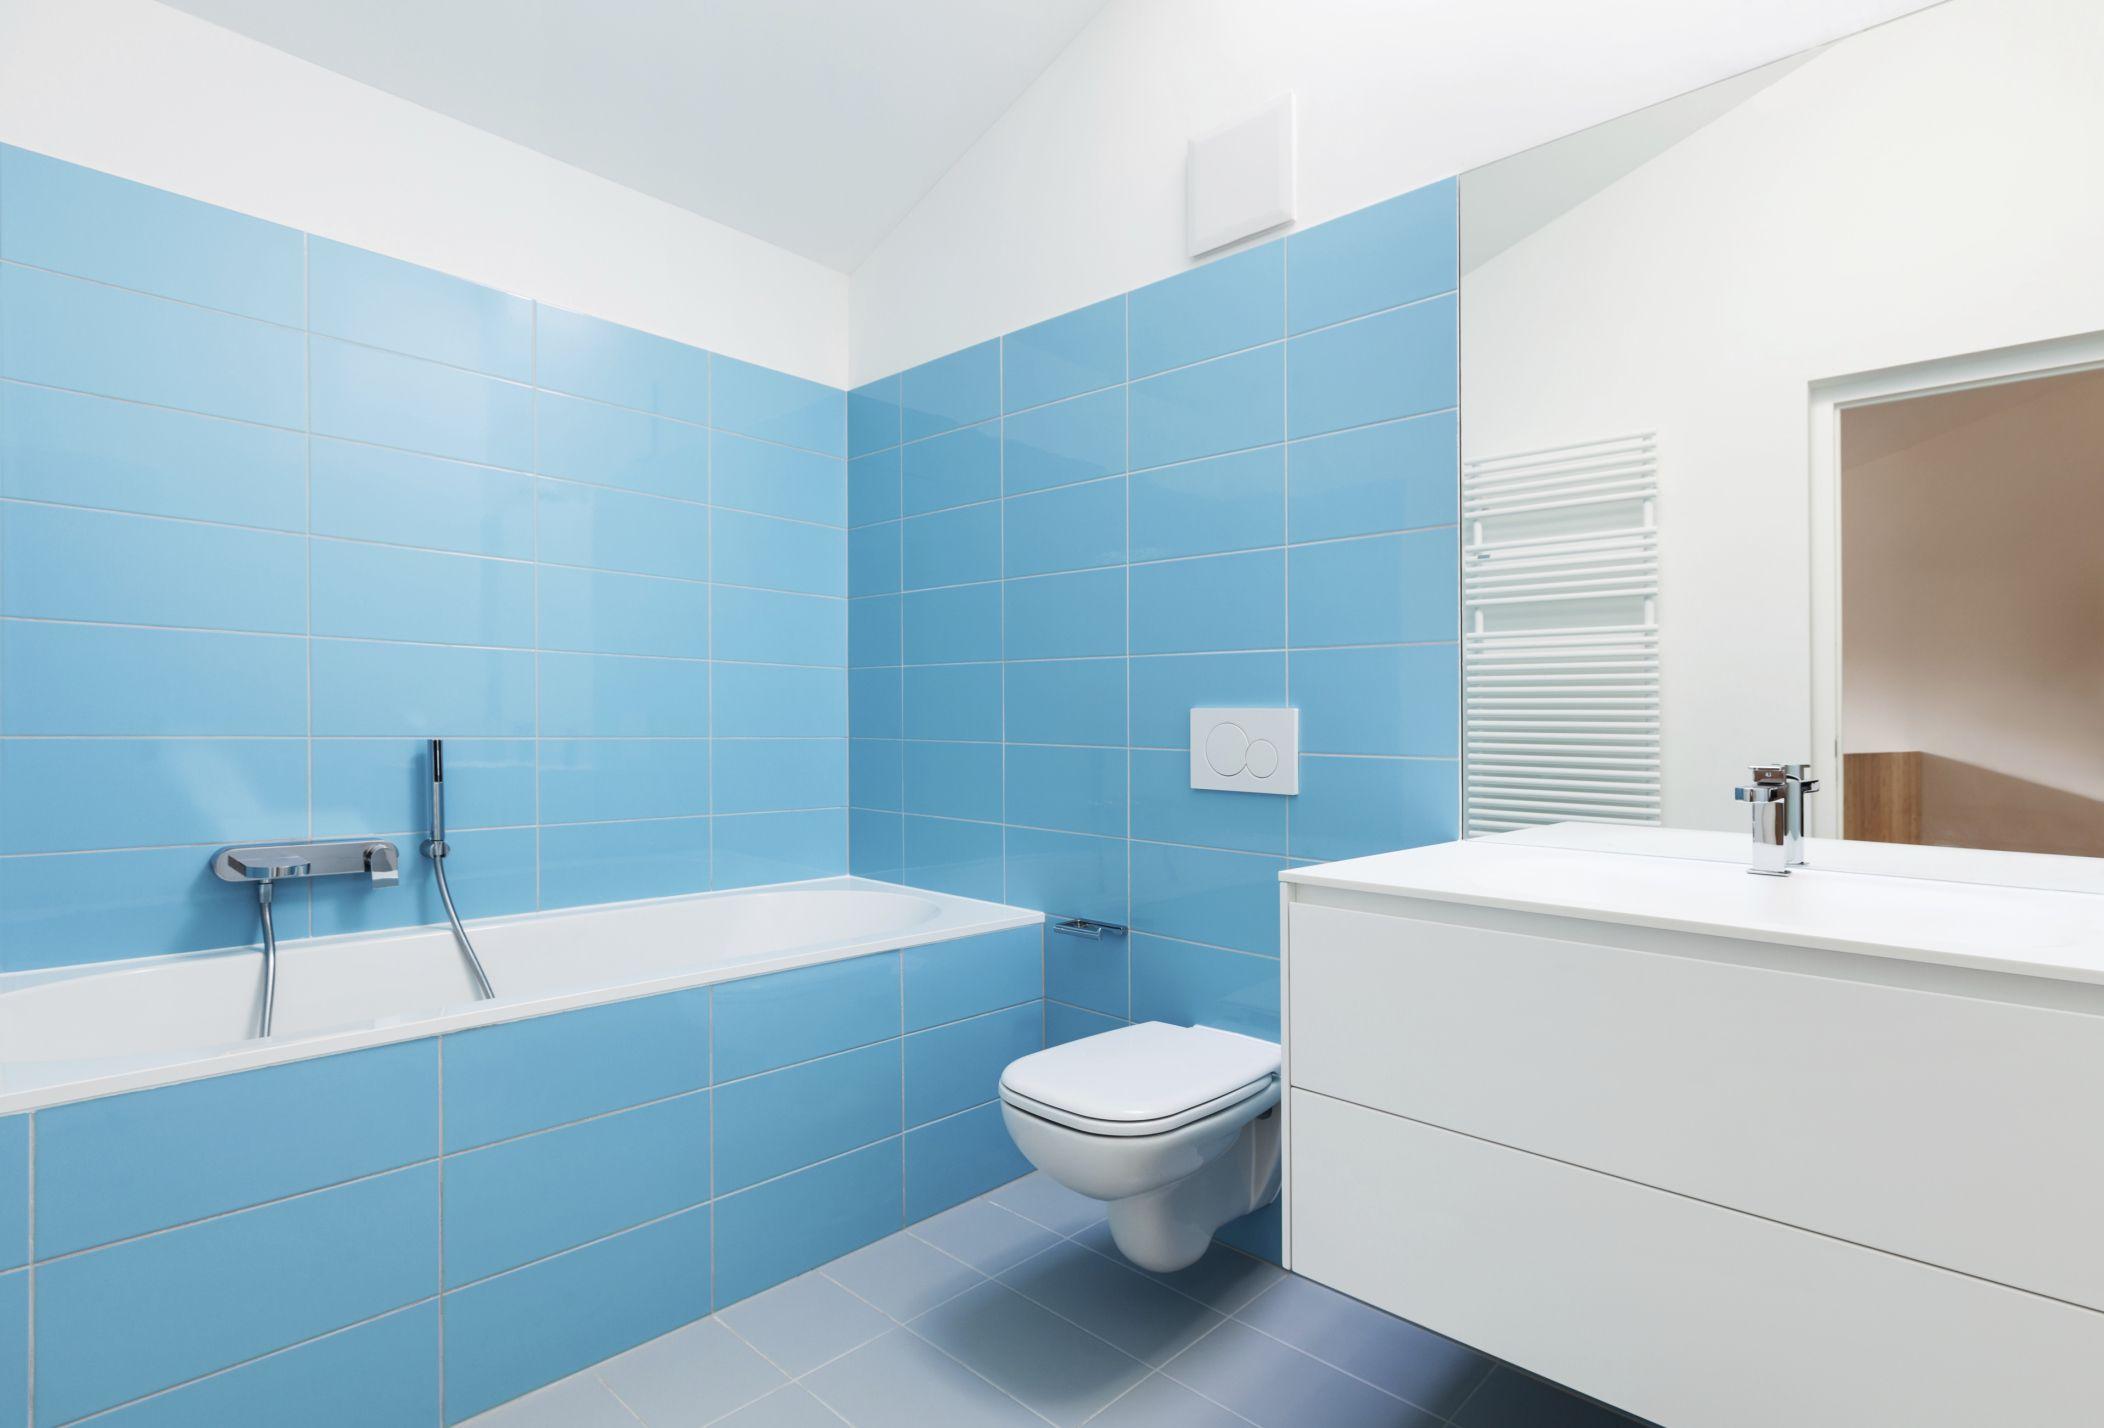 Cómo pintar azulejos del baño | Pintar azulejos del baño, Pintar ...